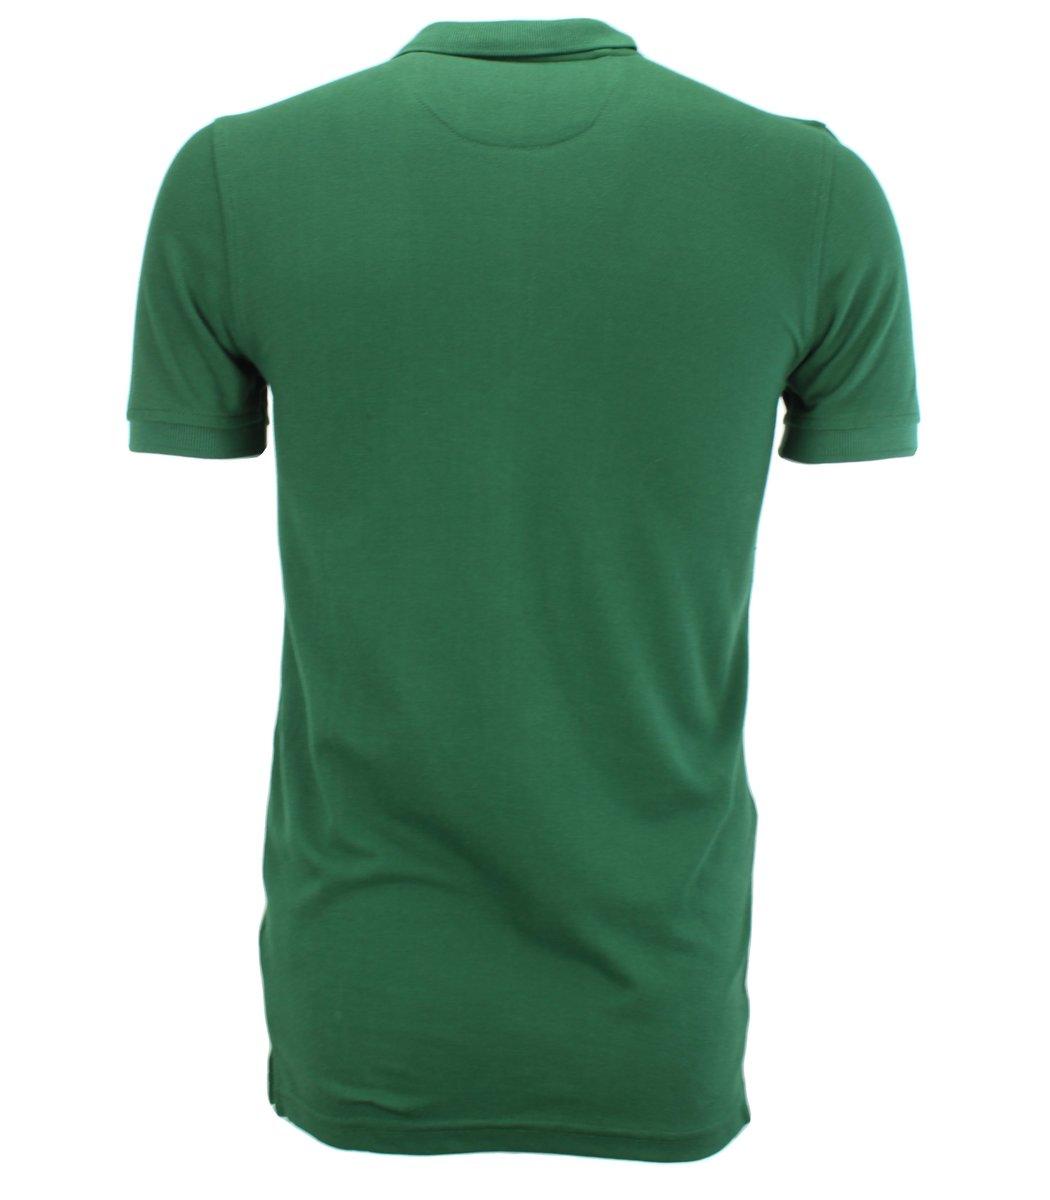 Тёмно-зелёная классическая футболка поло Gant G2